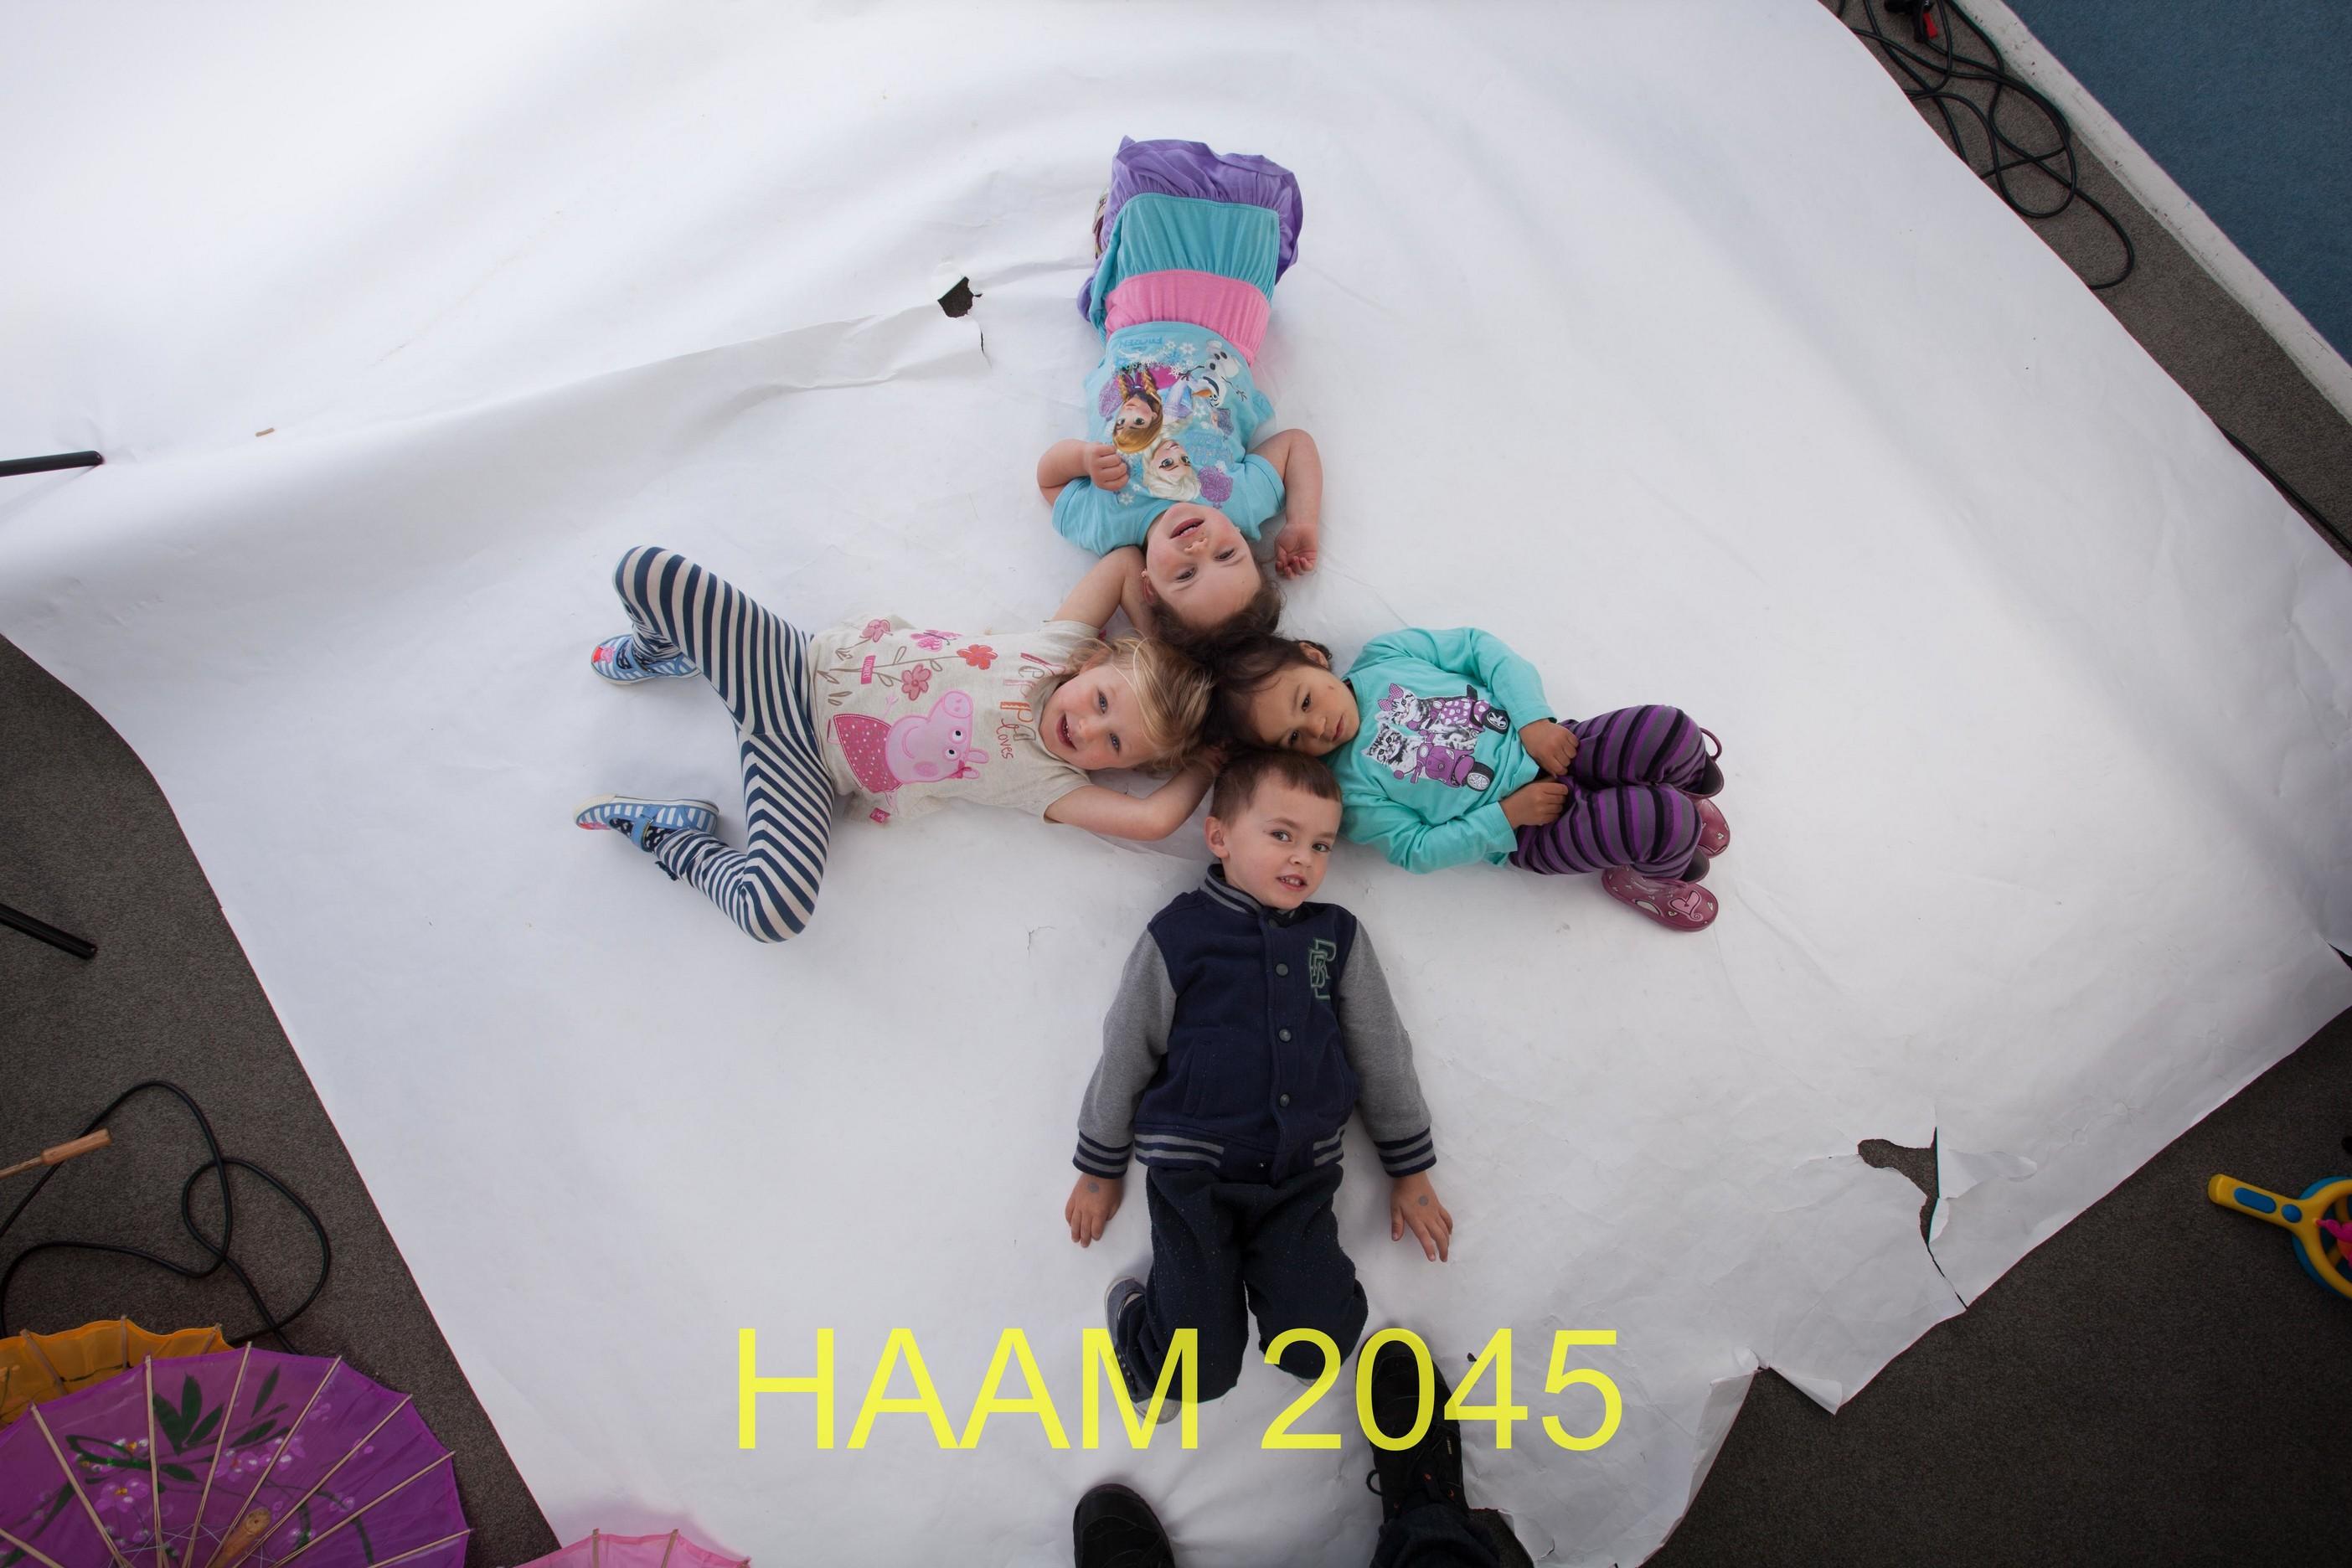 HAAM 2045